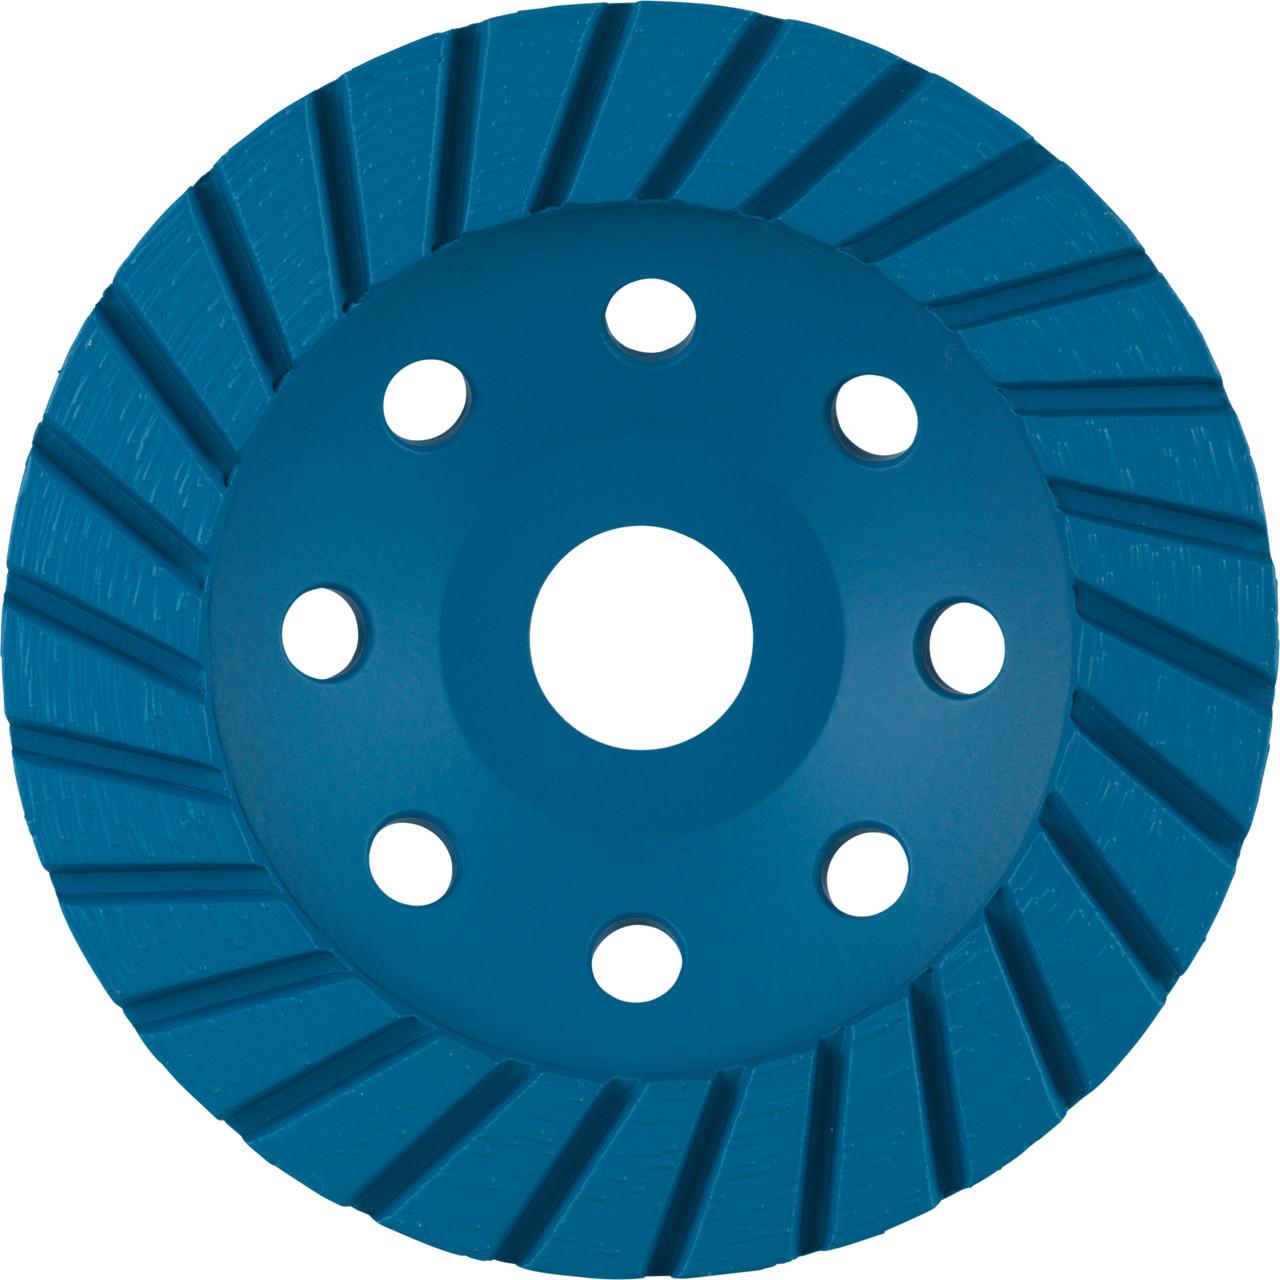 Immagine di DGU-T Platorelli diamantati per materiali da costruzione universali | Corona continua